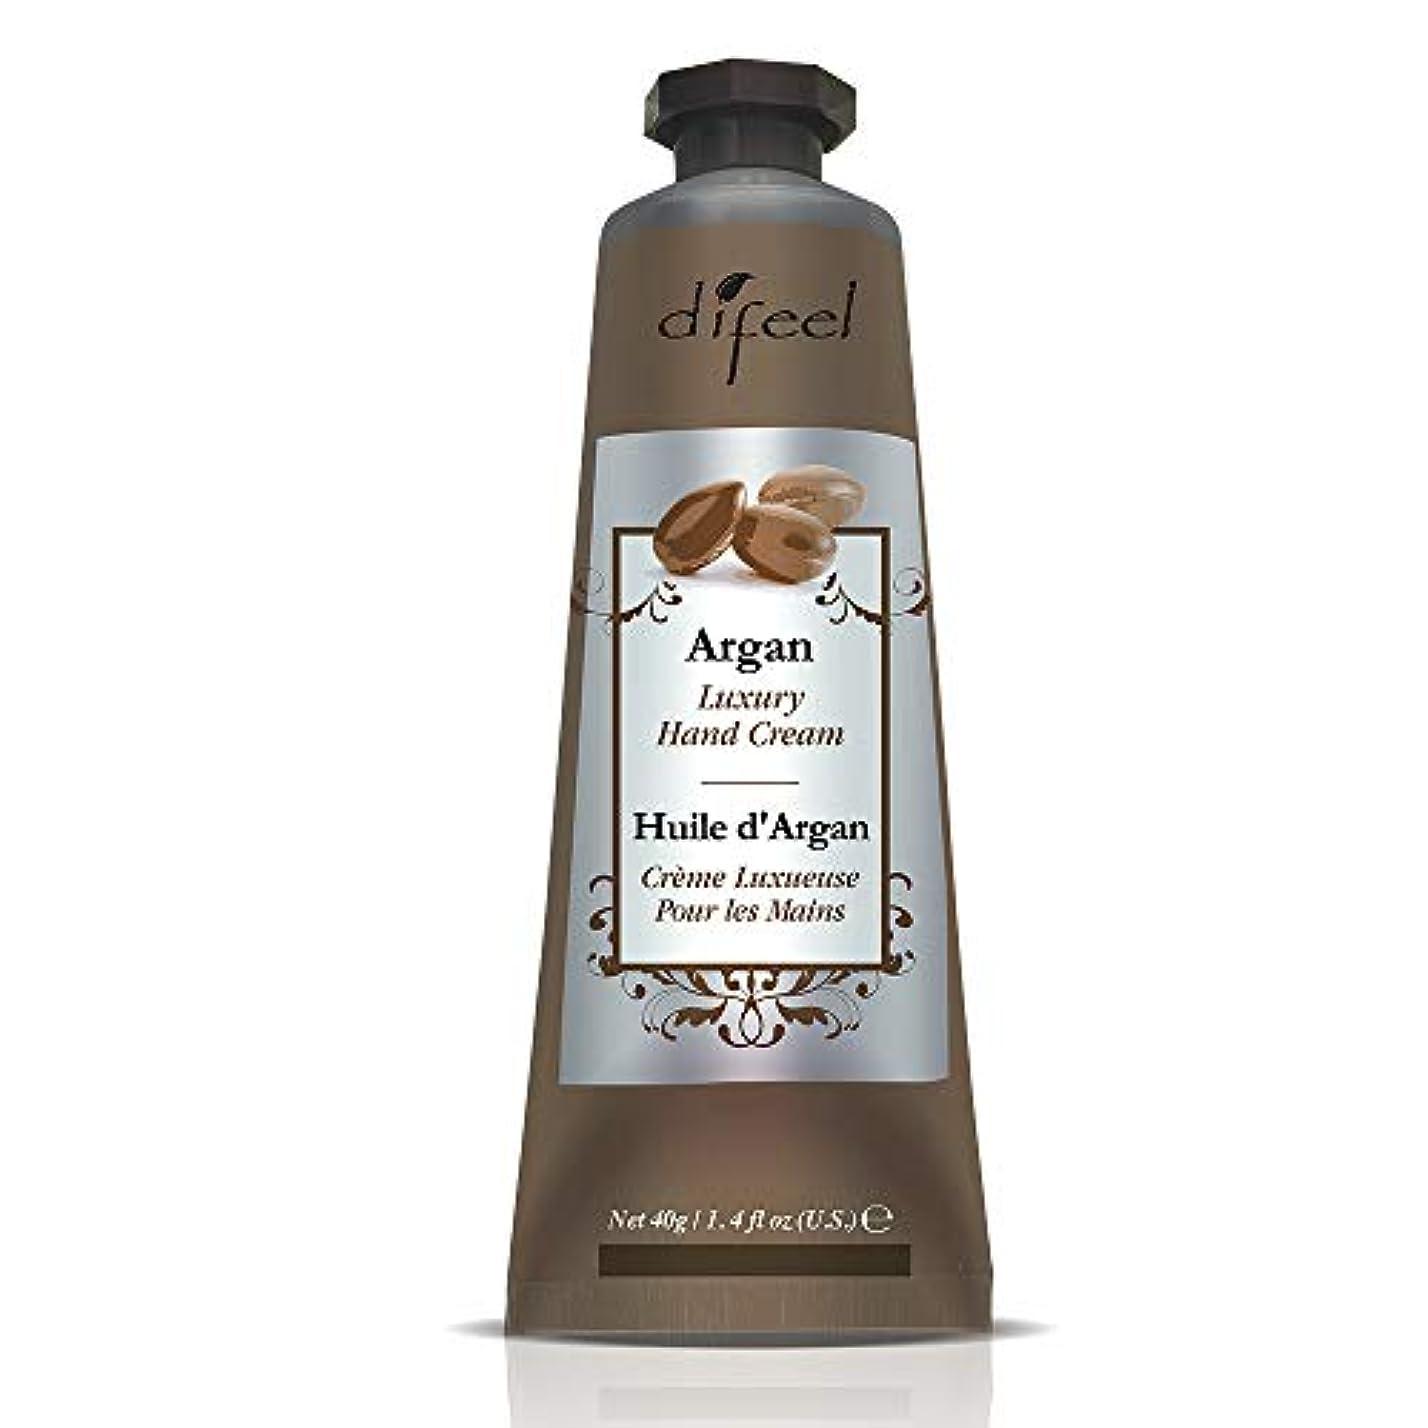 スマッシュ座標とらえどころのないDifeel(ディフィール) アルガン ナチュラル ハンドクリーム 40g ARGAN 12ARG New York 【正規輸入品】